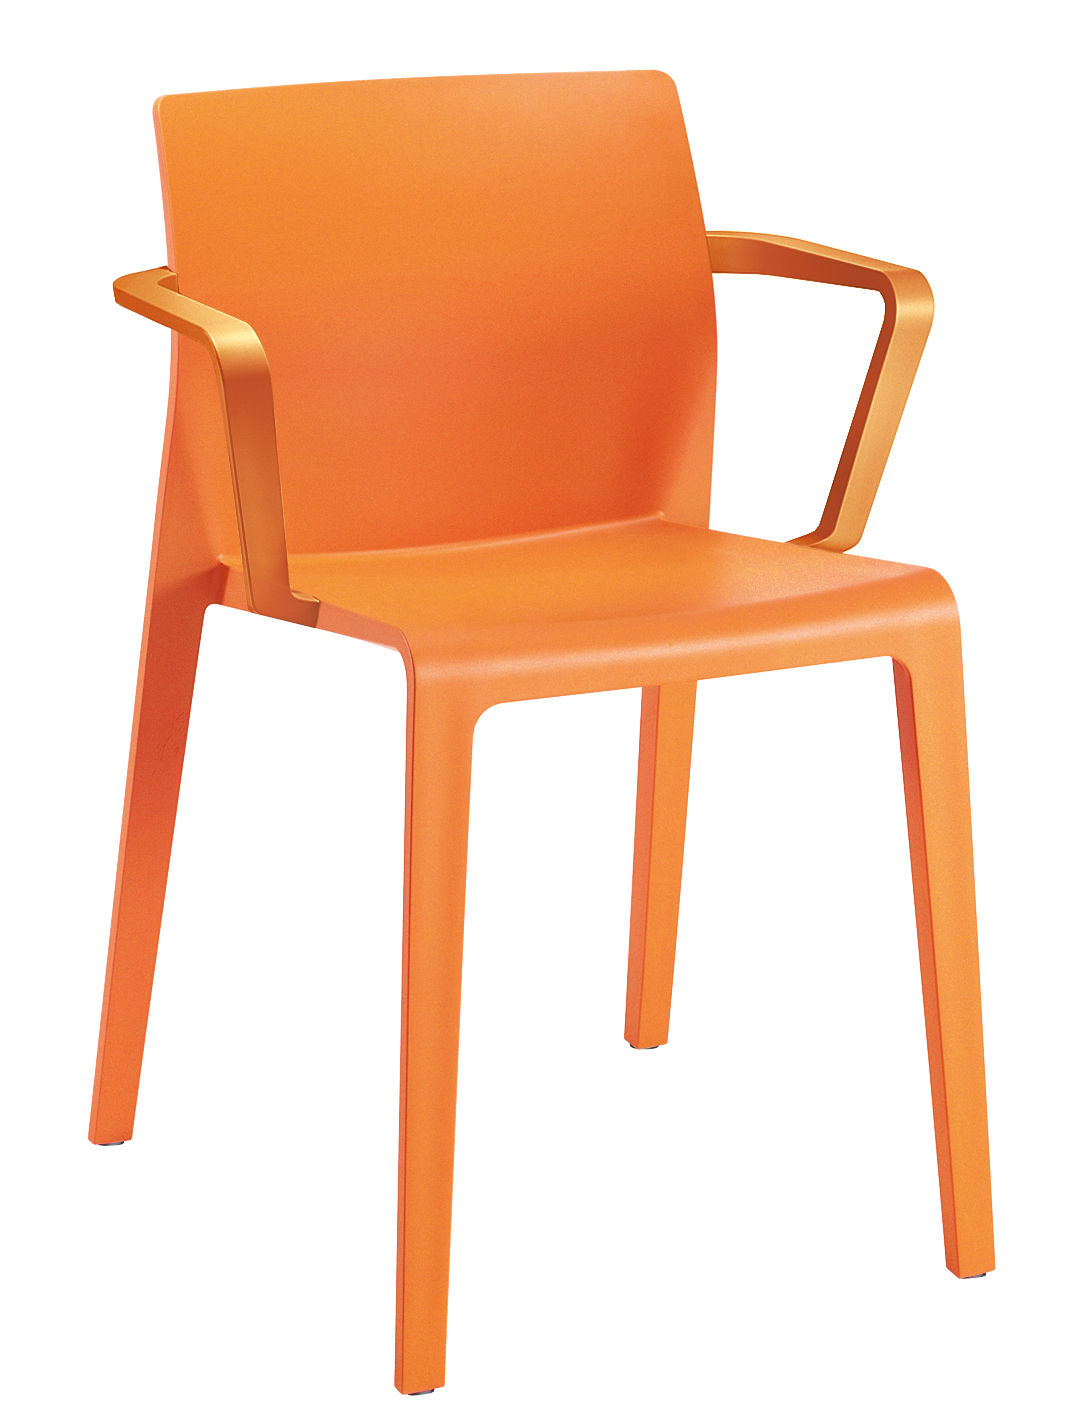 Möbel - Stühle  - Juno Stapelbarer Sessel - Arper - Orange - Polypropylen